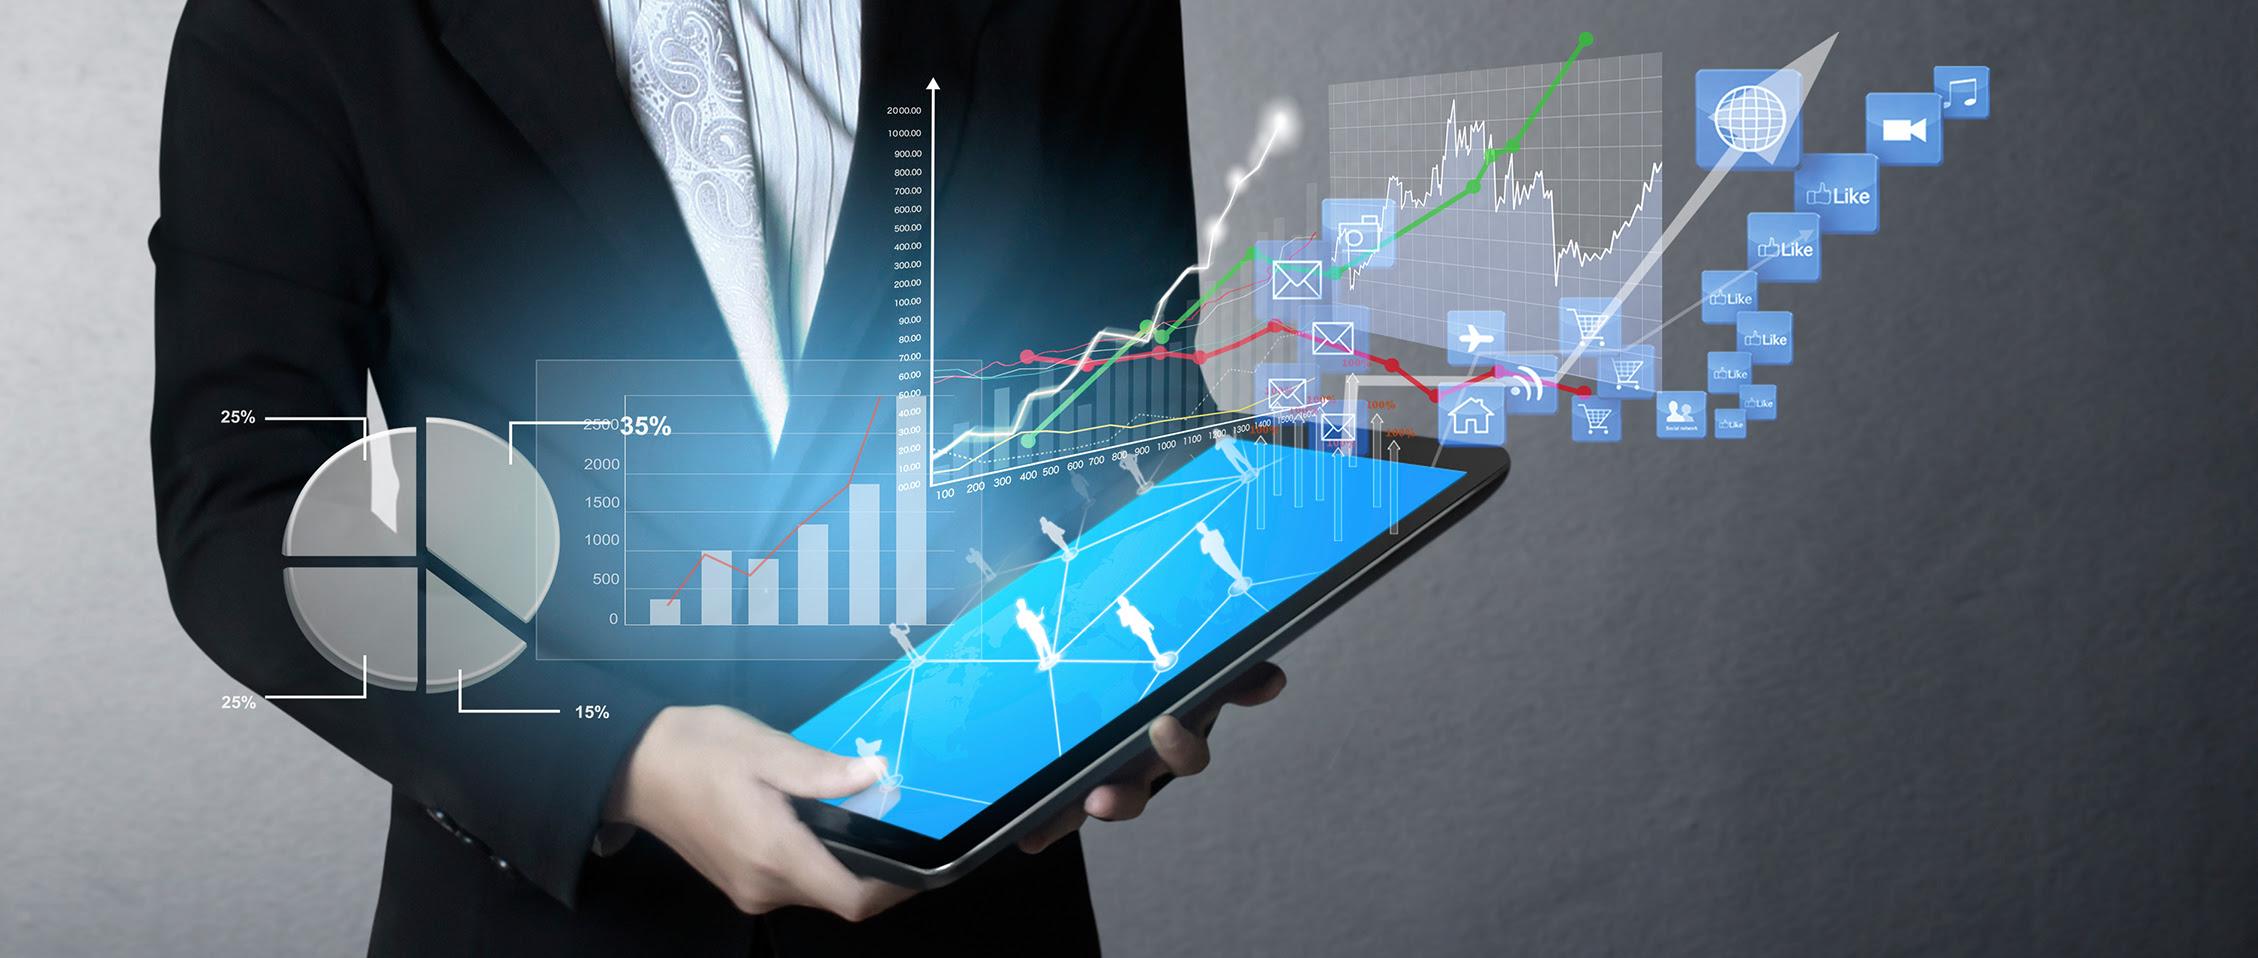 77% Pebisnis Meningkatkan Budget Digital Marketing